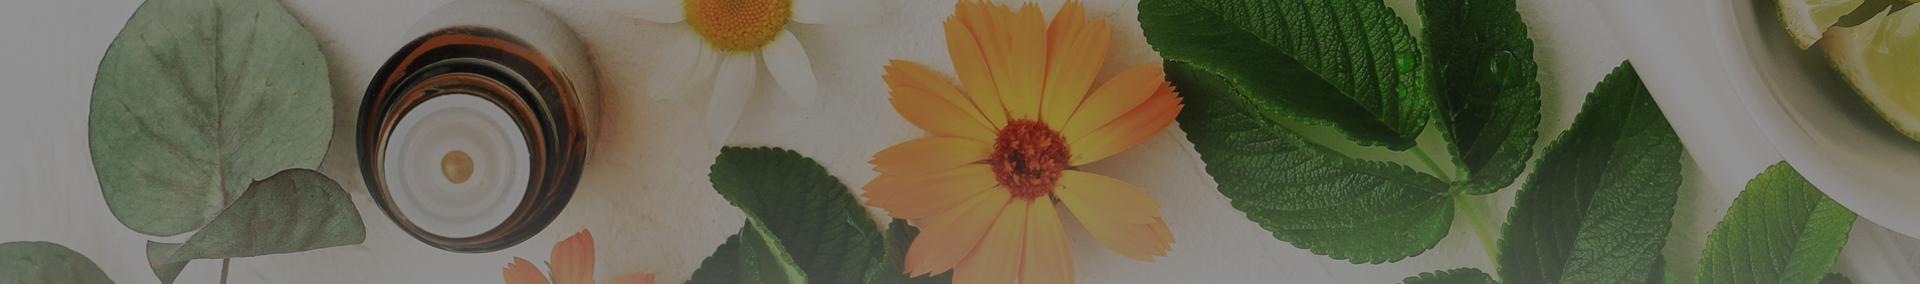 liście i kwiaty